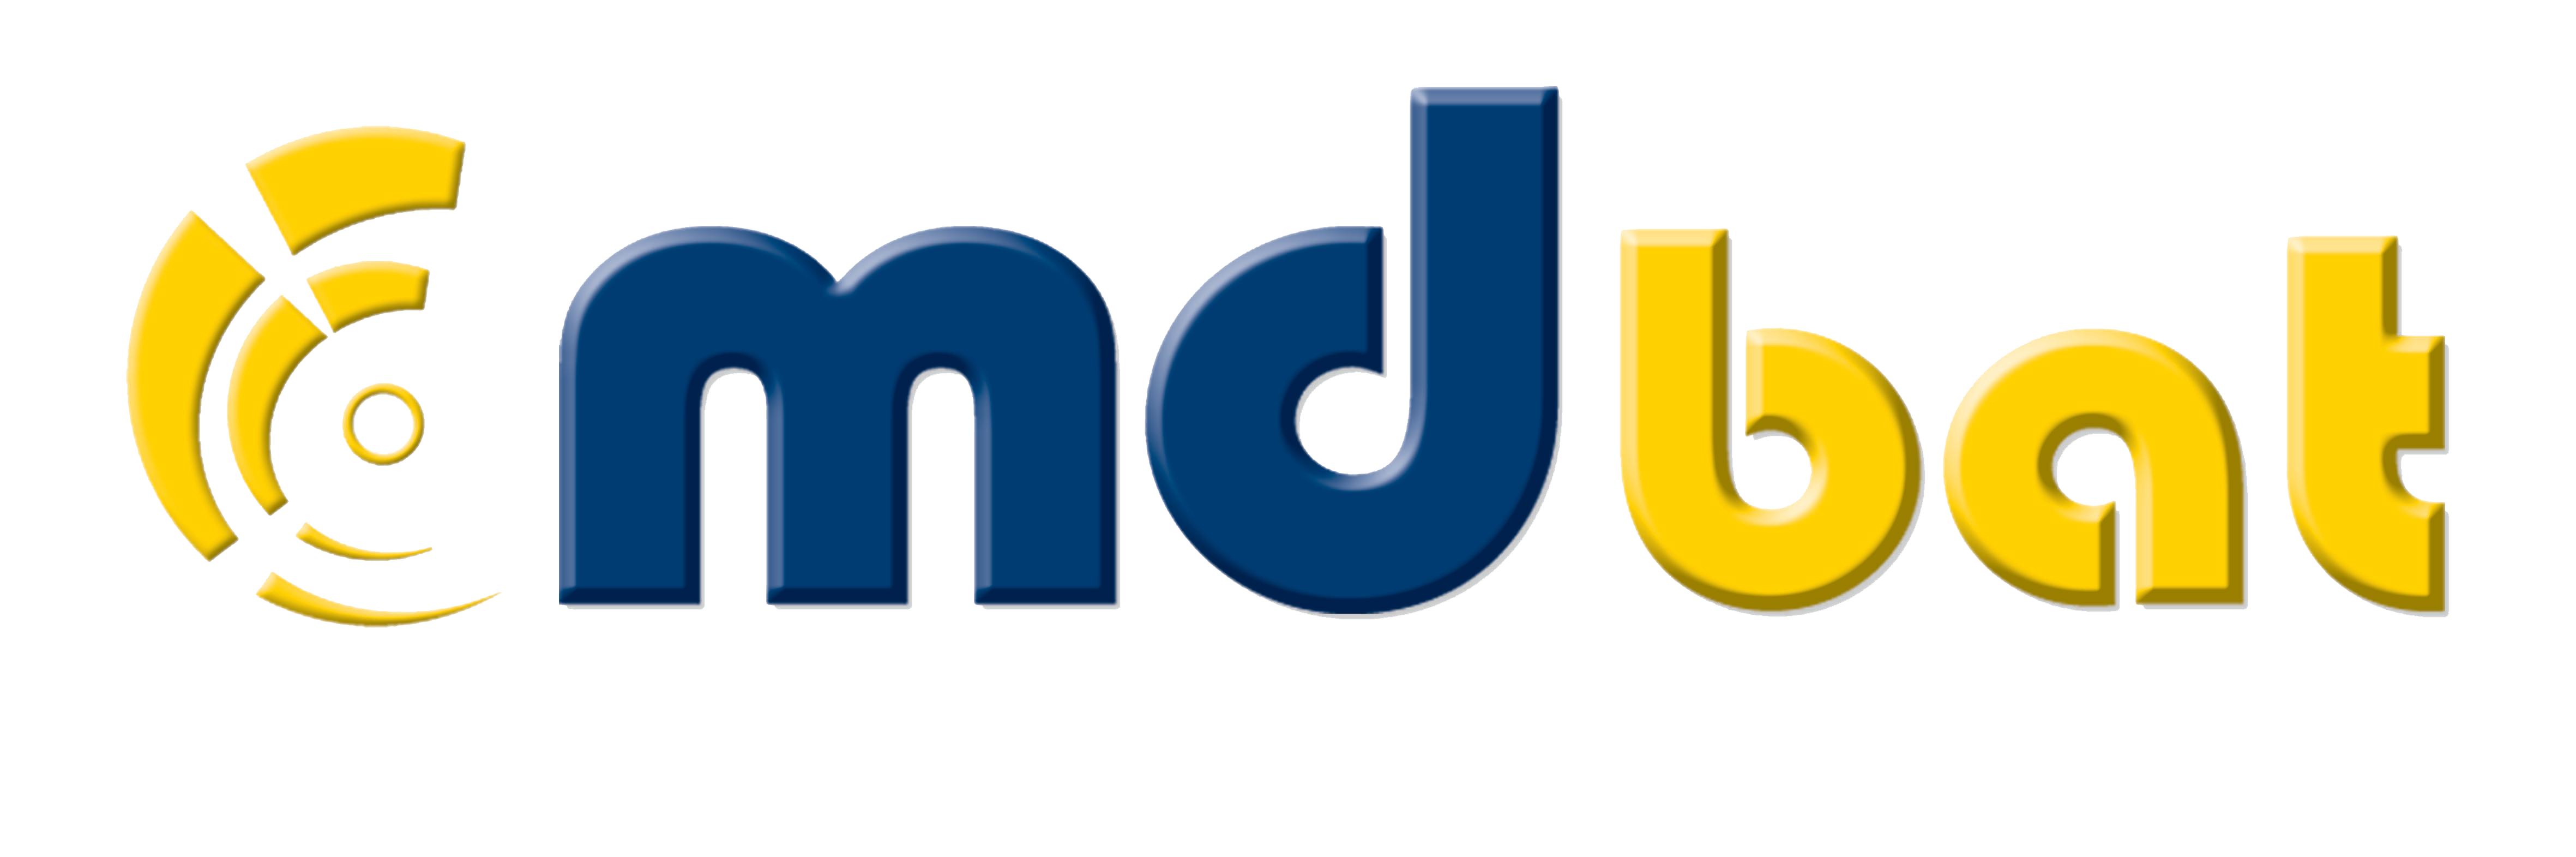 MD-bat-logo-final-sans-phrase